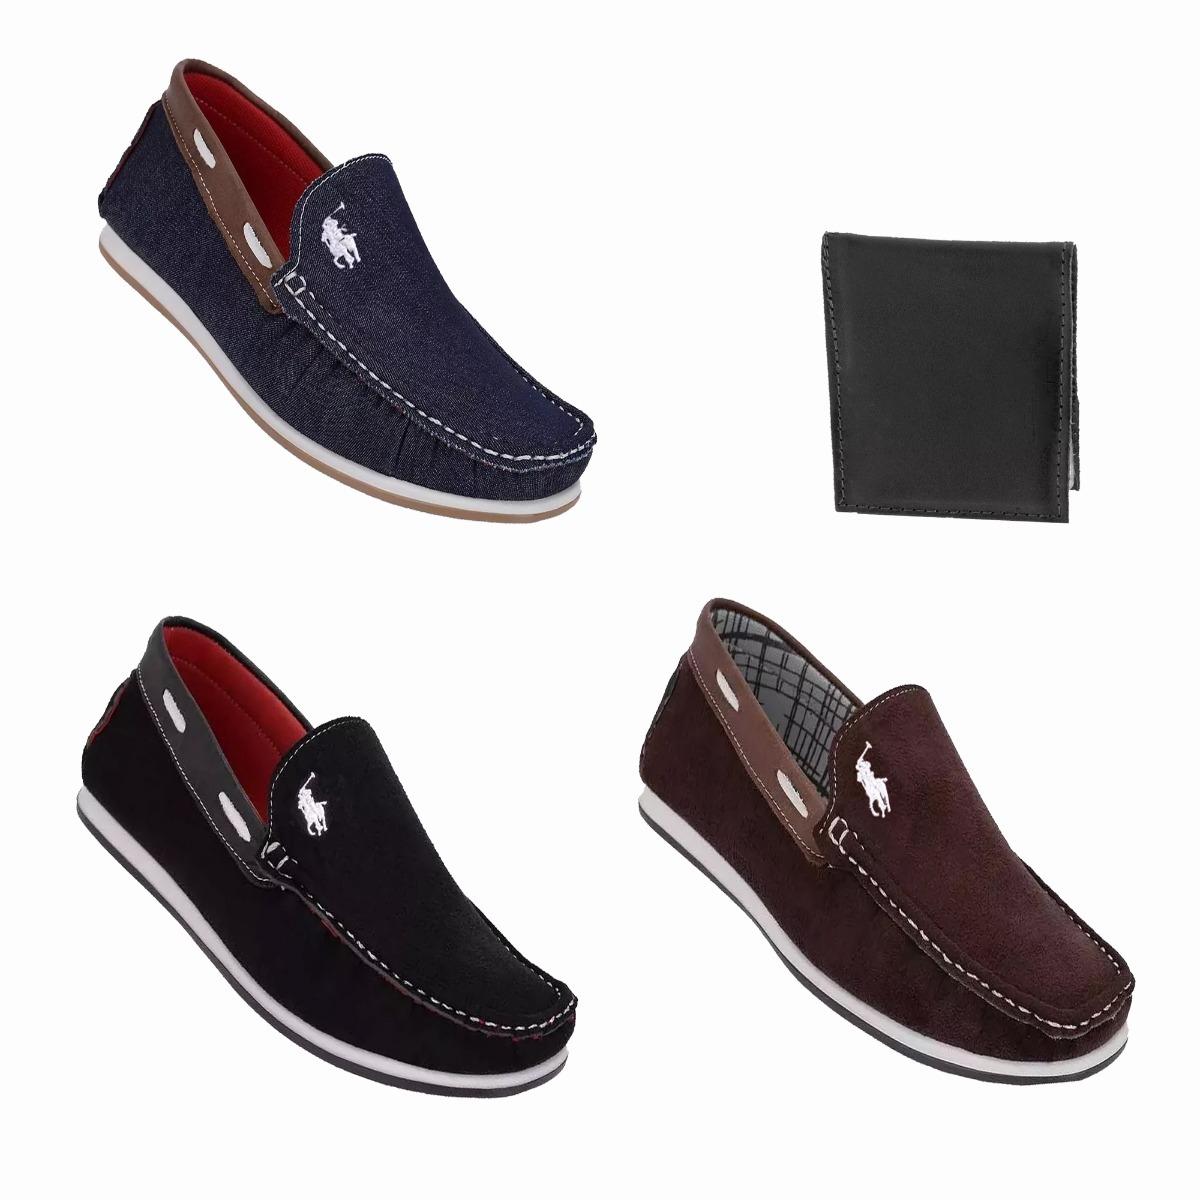 50ade573ee kit 3 sapato casual dockside mocassim masculino promoção. Carregando zoom.